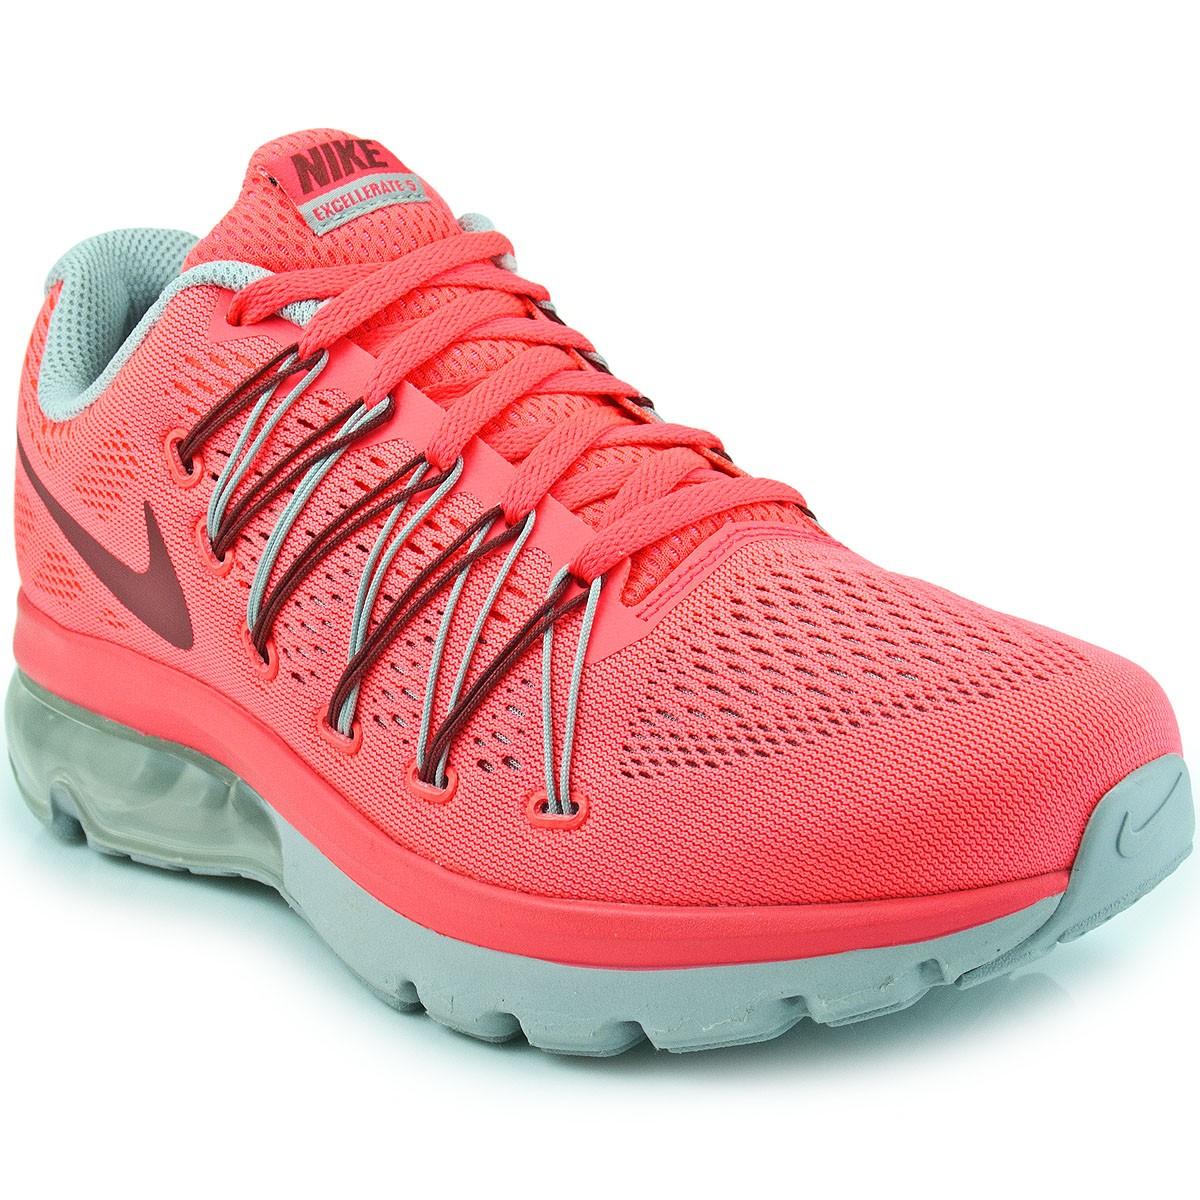 23cdbfecdf7f6 Tênis Nike Air Max Excellerate 5 W 852693